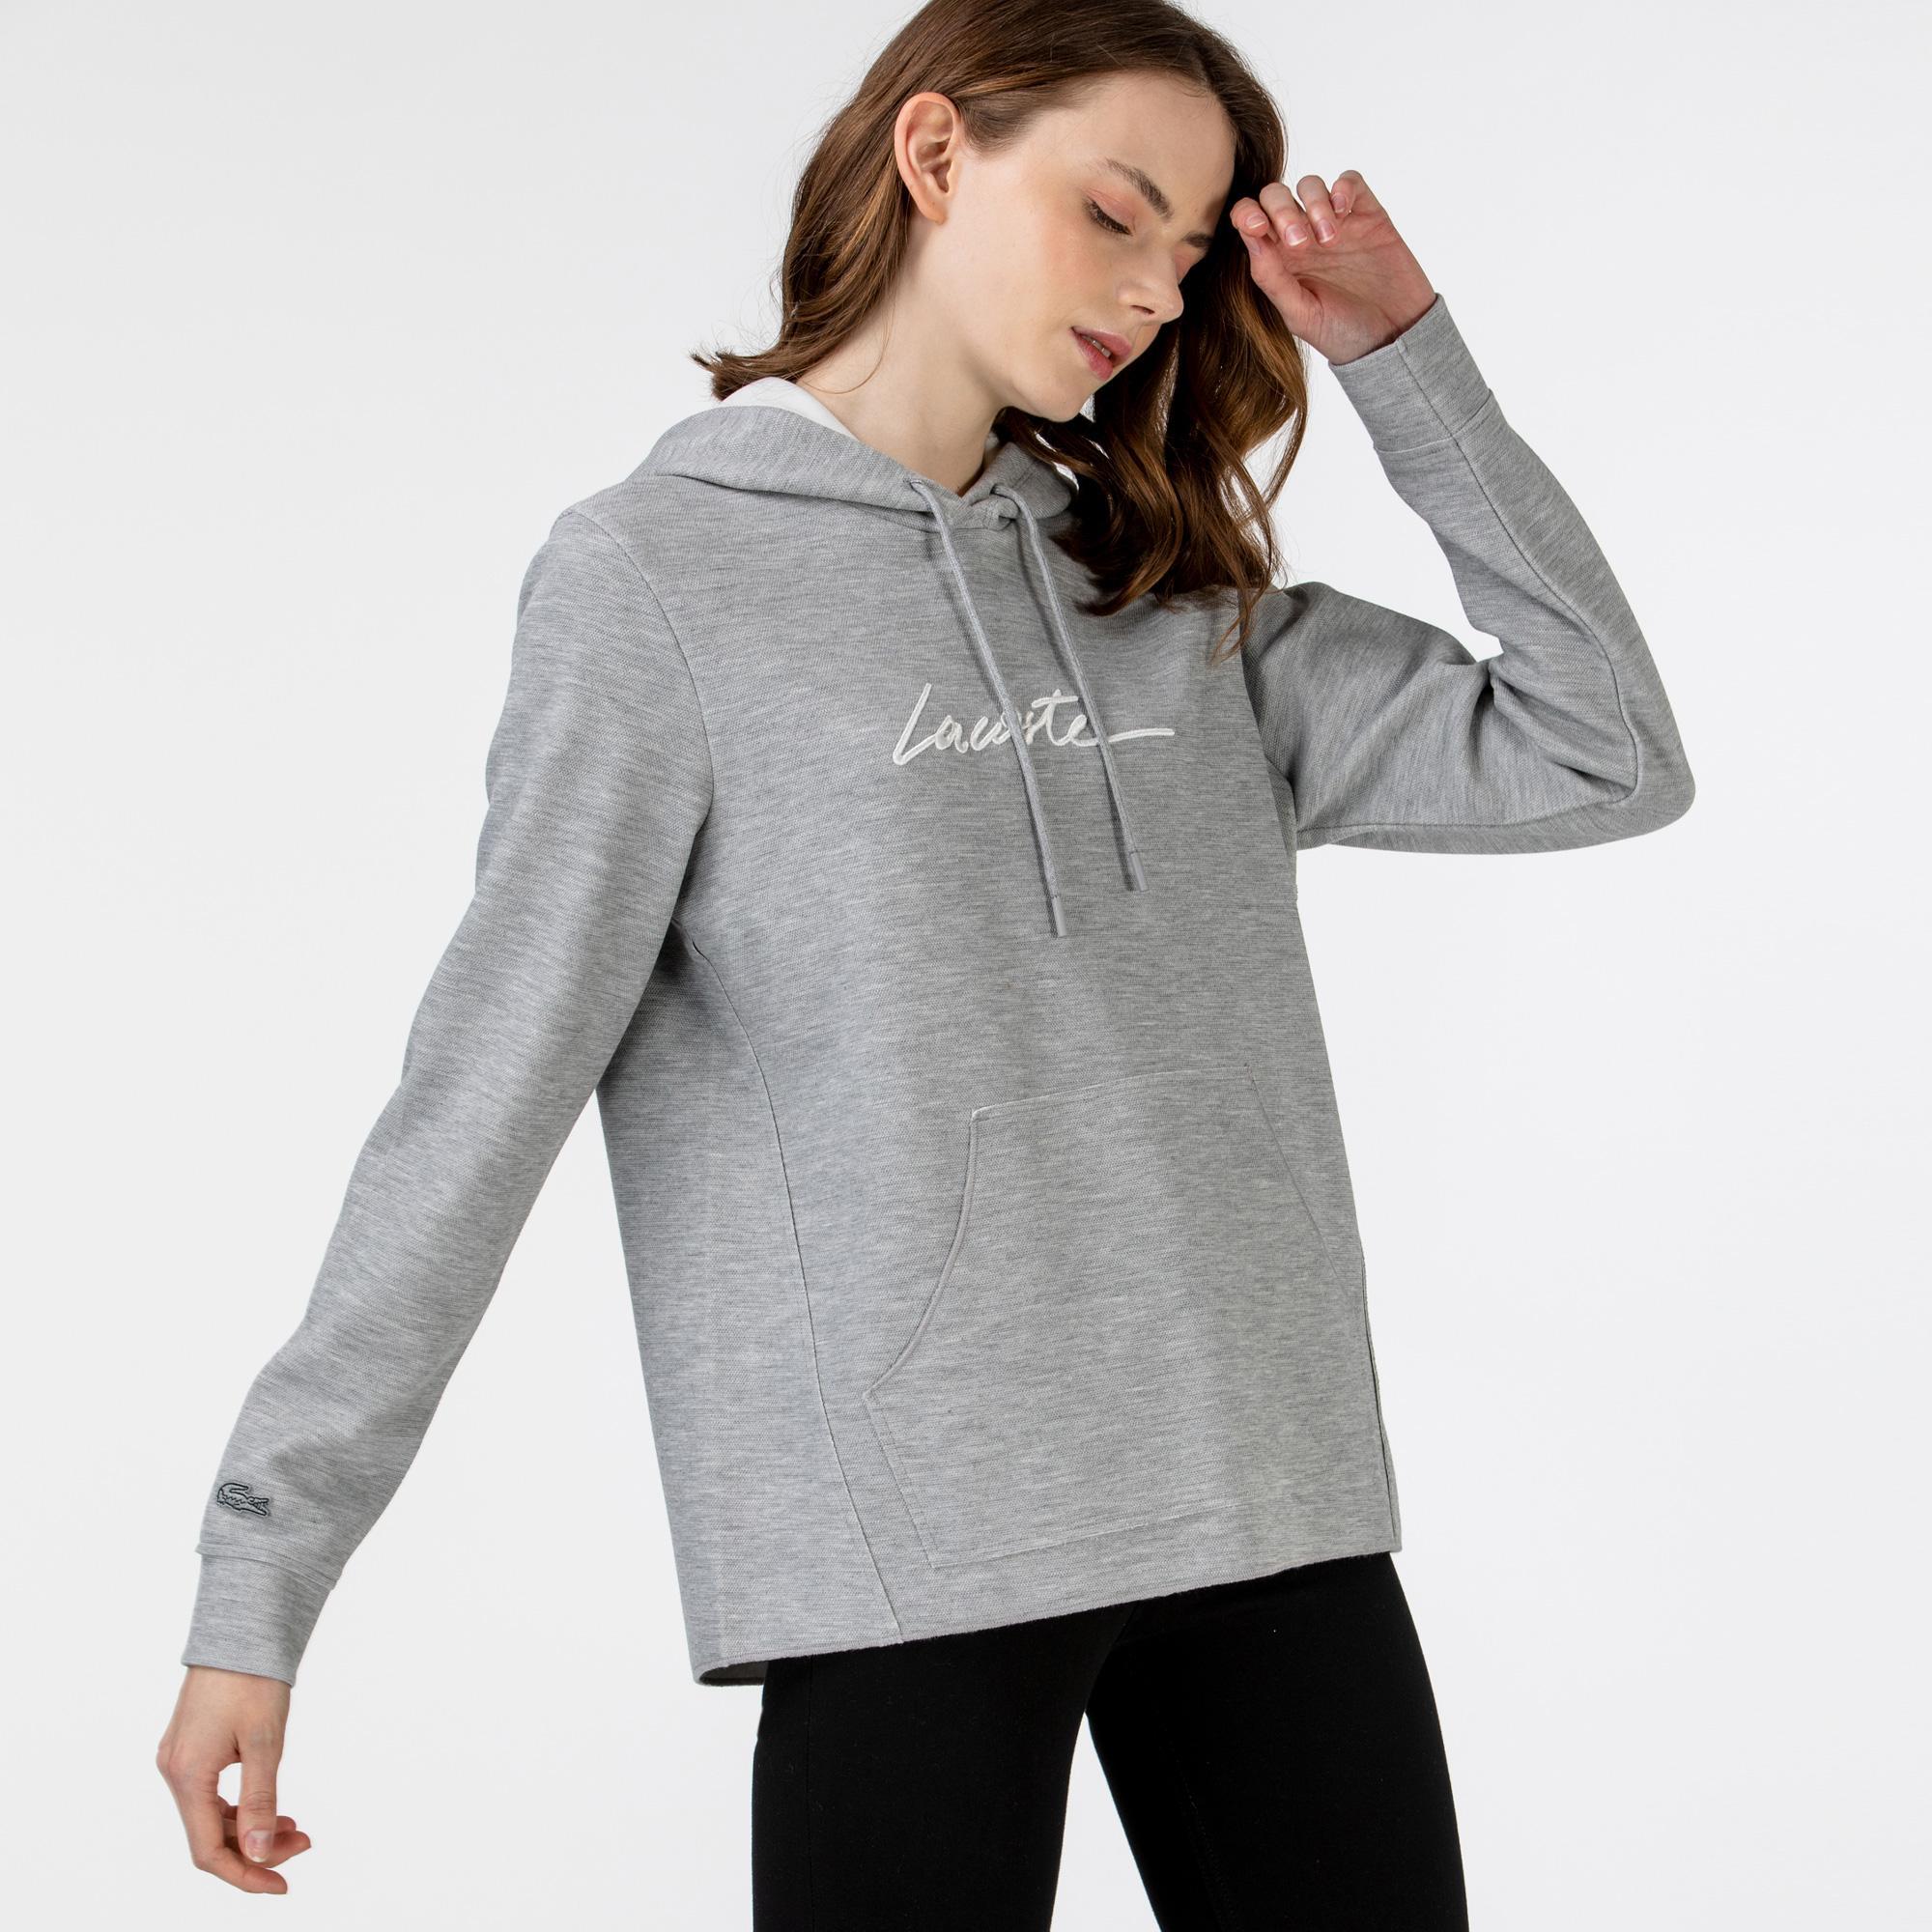 Lacoste Kadın Kapüşonlu Baskılı Gri Sweatshirt